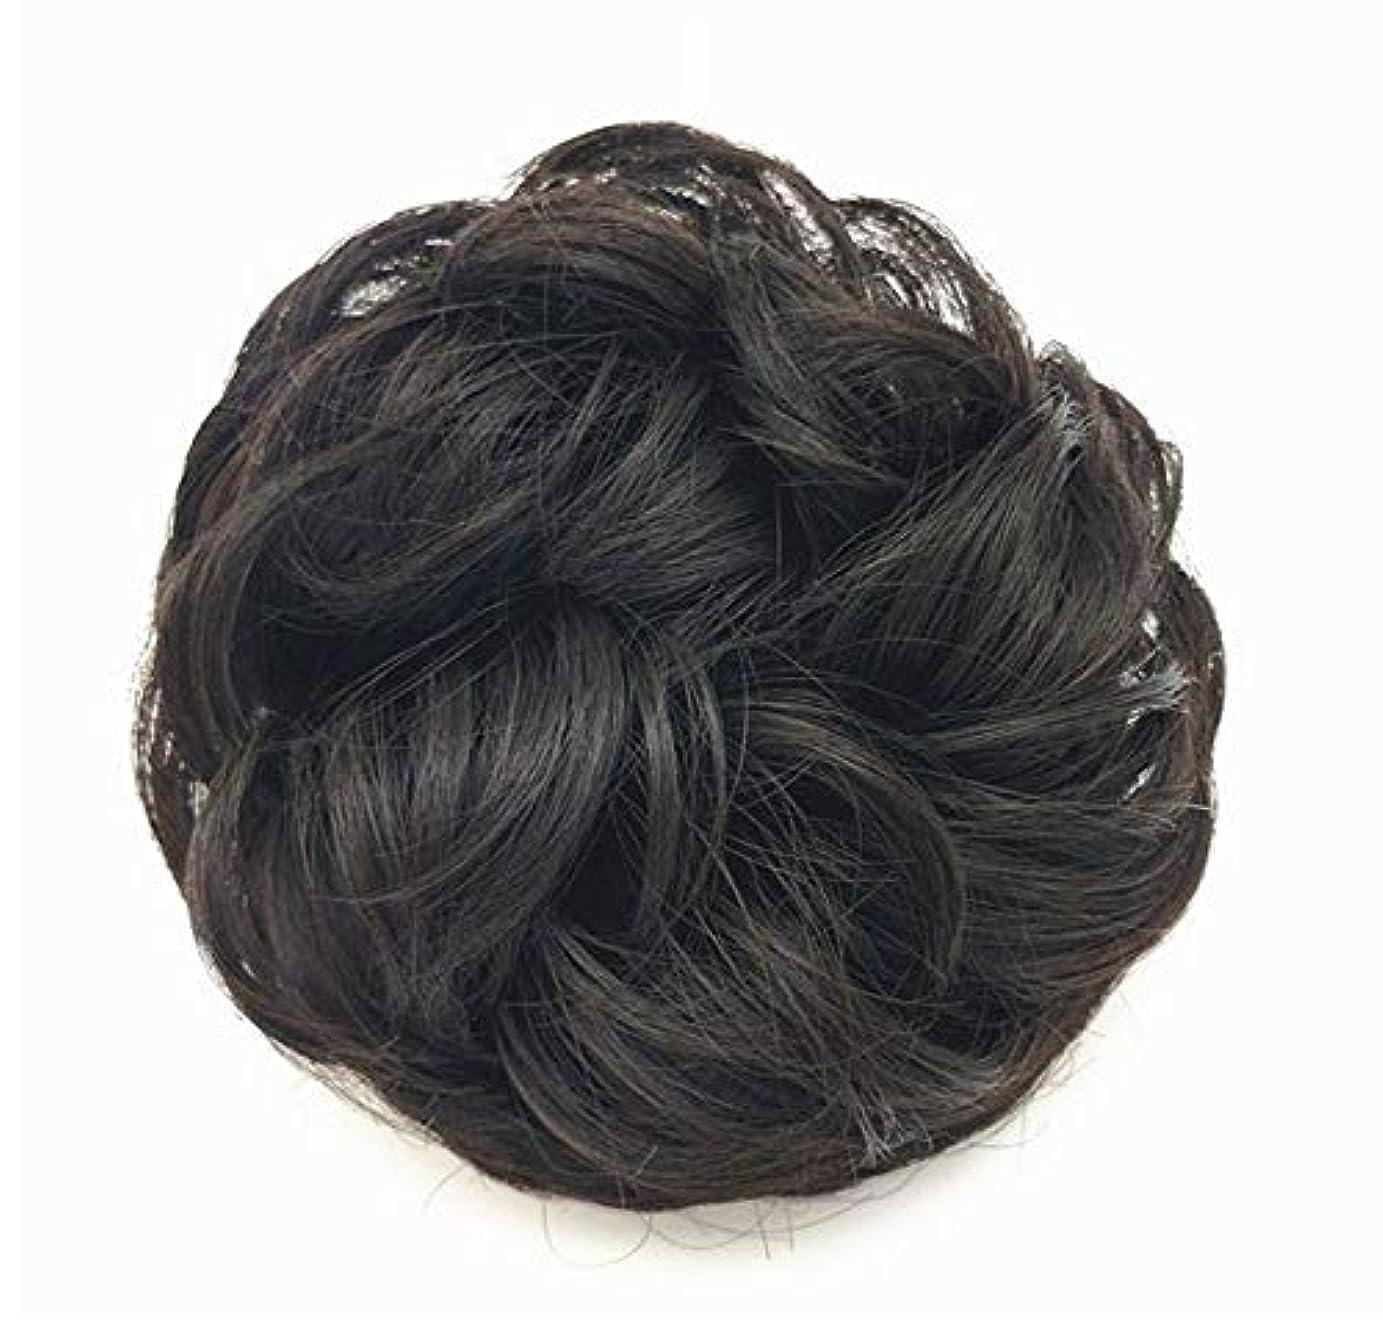 ネクタイ組み立てるペイント乱雑な髪のお団子シュシュの拡張機能、女性用カーリー波状リボンアクセサリー、ドーナツアップドポニーテールシニョン